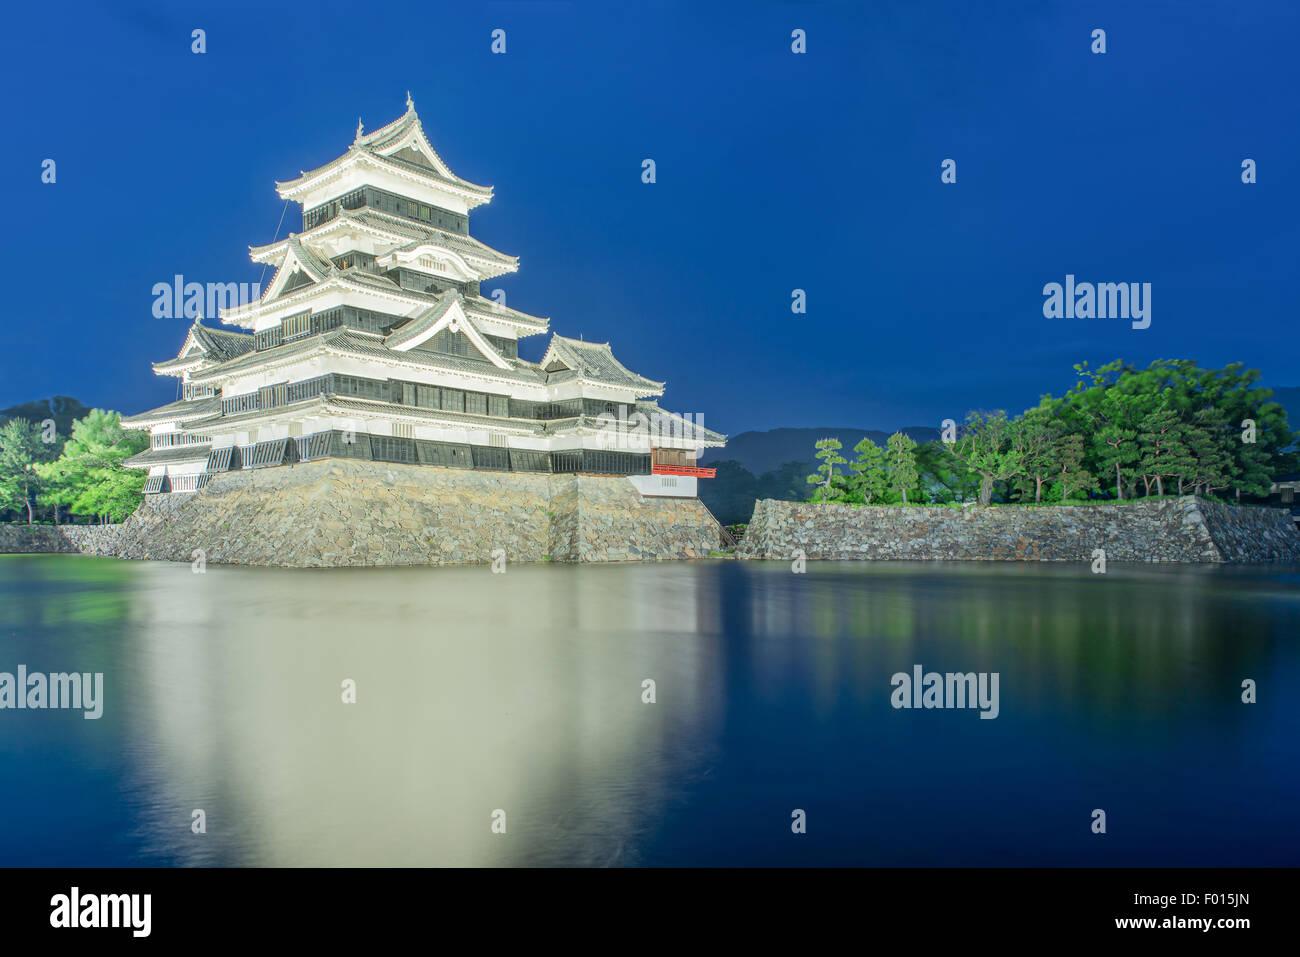 Il Castello Matsumoto nella città di Matsumoto,Nagono, Giappone Immagini Stock